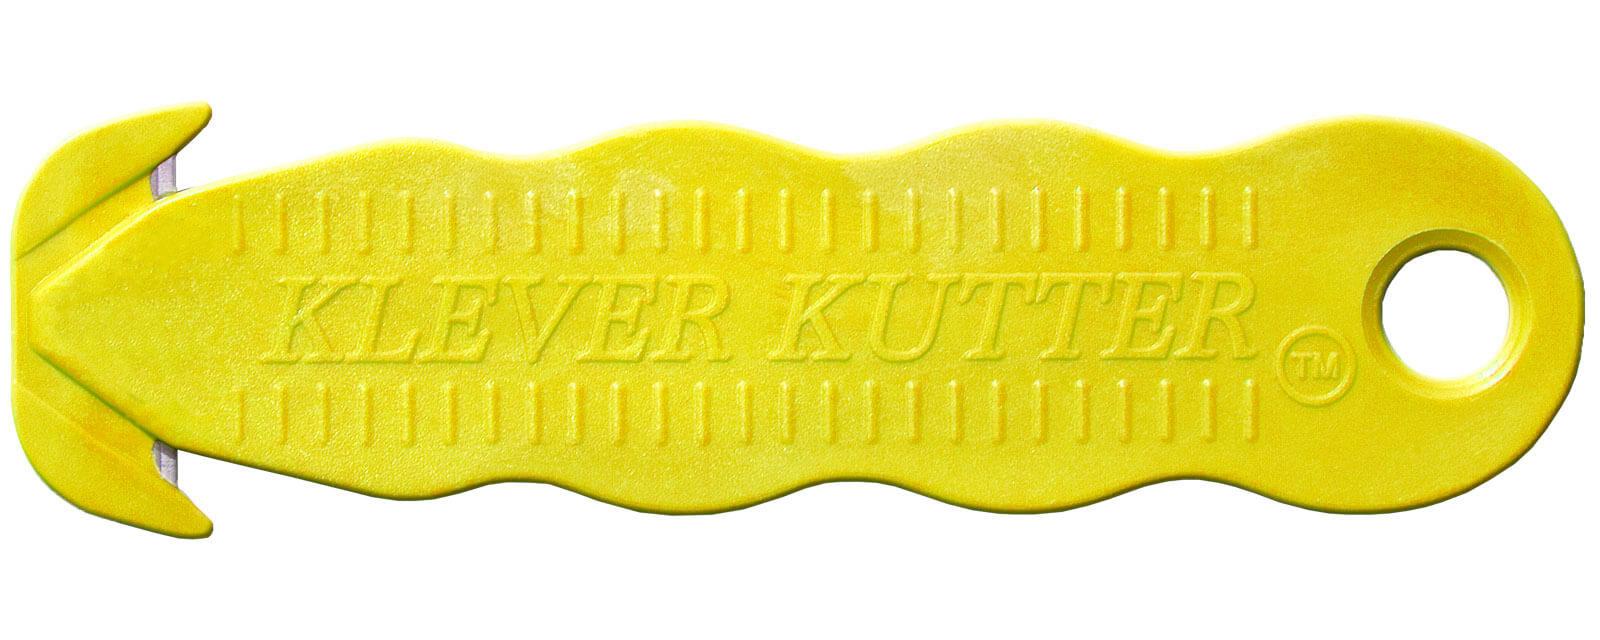 H035G-Sicherheitsmesser-Klever-Kutter-gelb-CURT-tools